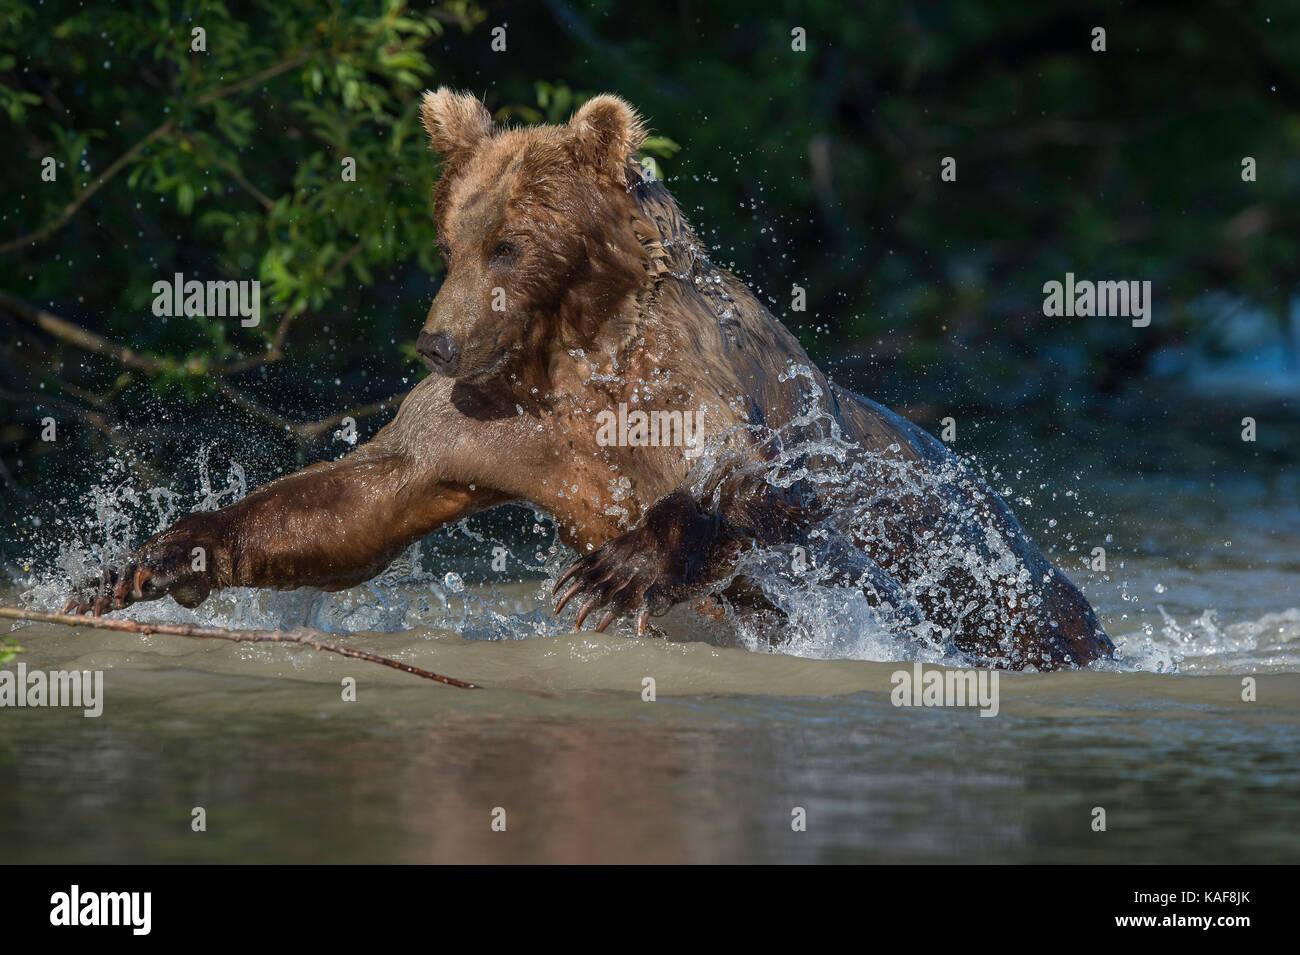 Orso bruno spolvero sul Salmone Sockeye, kamchatka, Russia. Immagini Stock